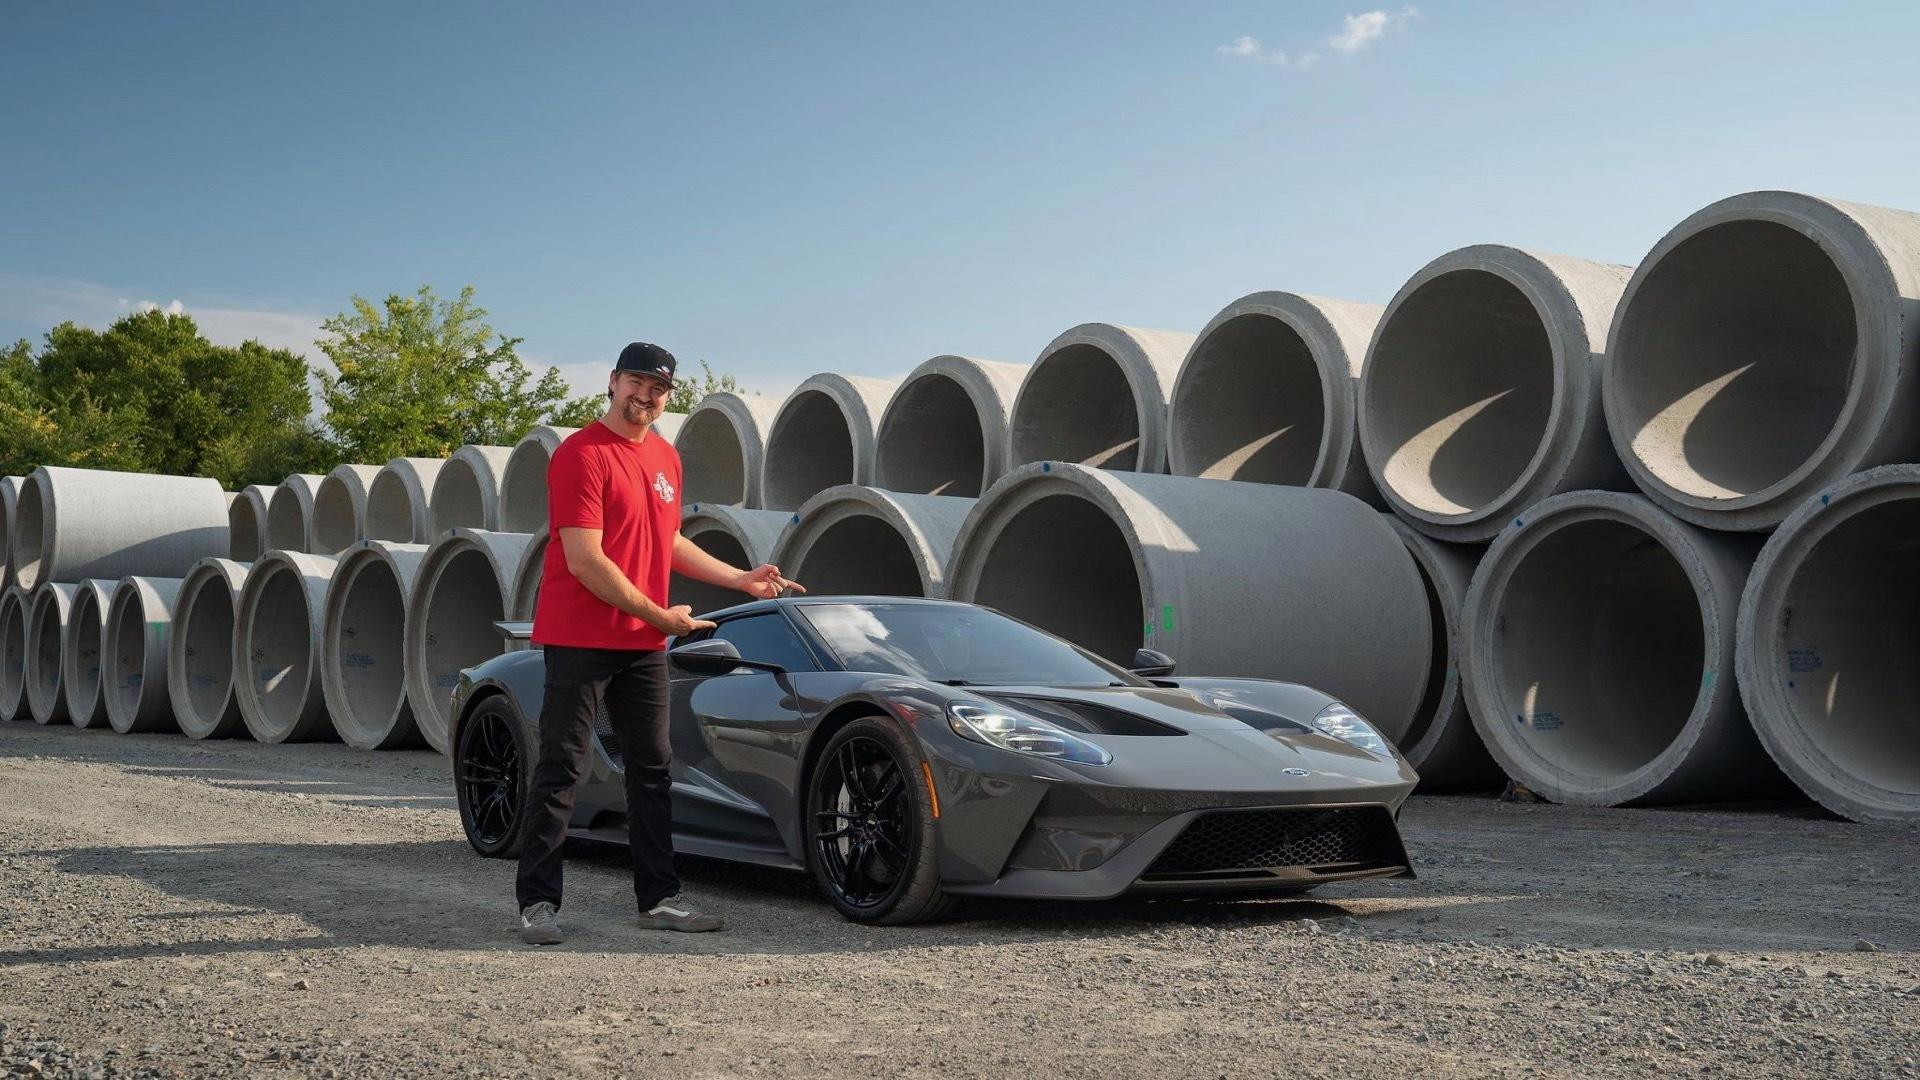 2018 Ford GT owned by Vaughn Gittin Jr. (photo via Bring a Trailer)